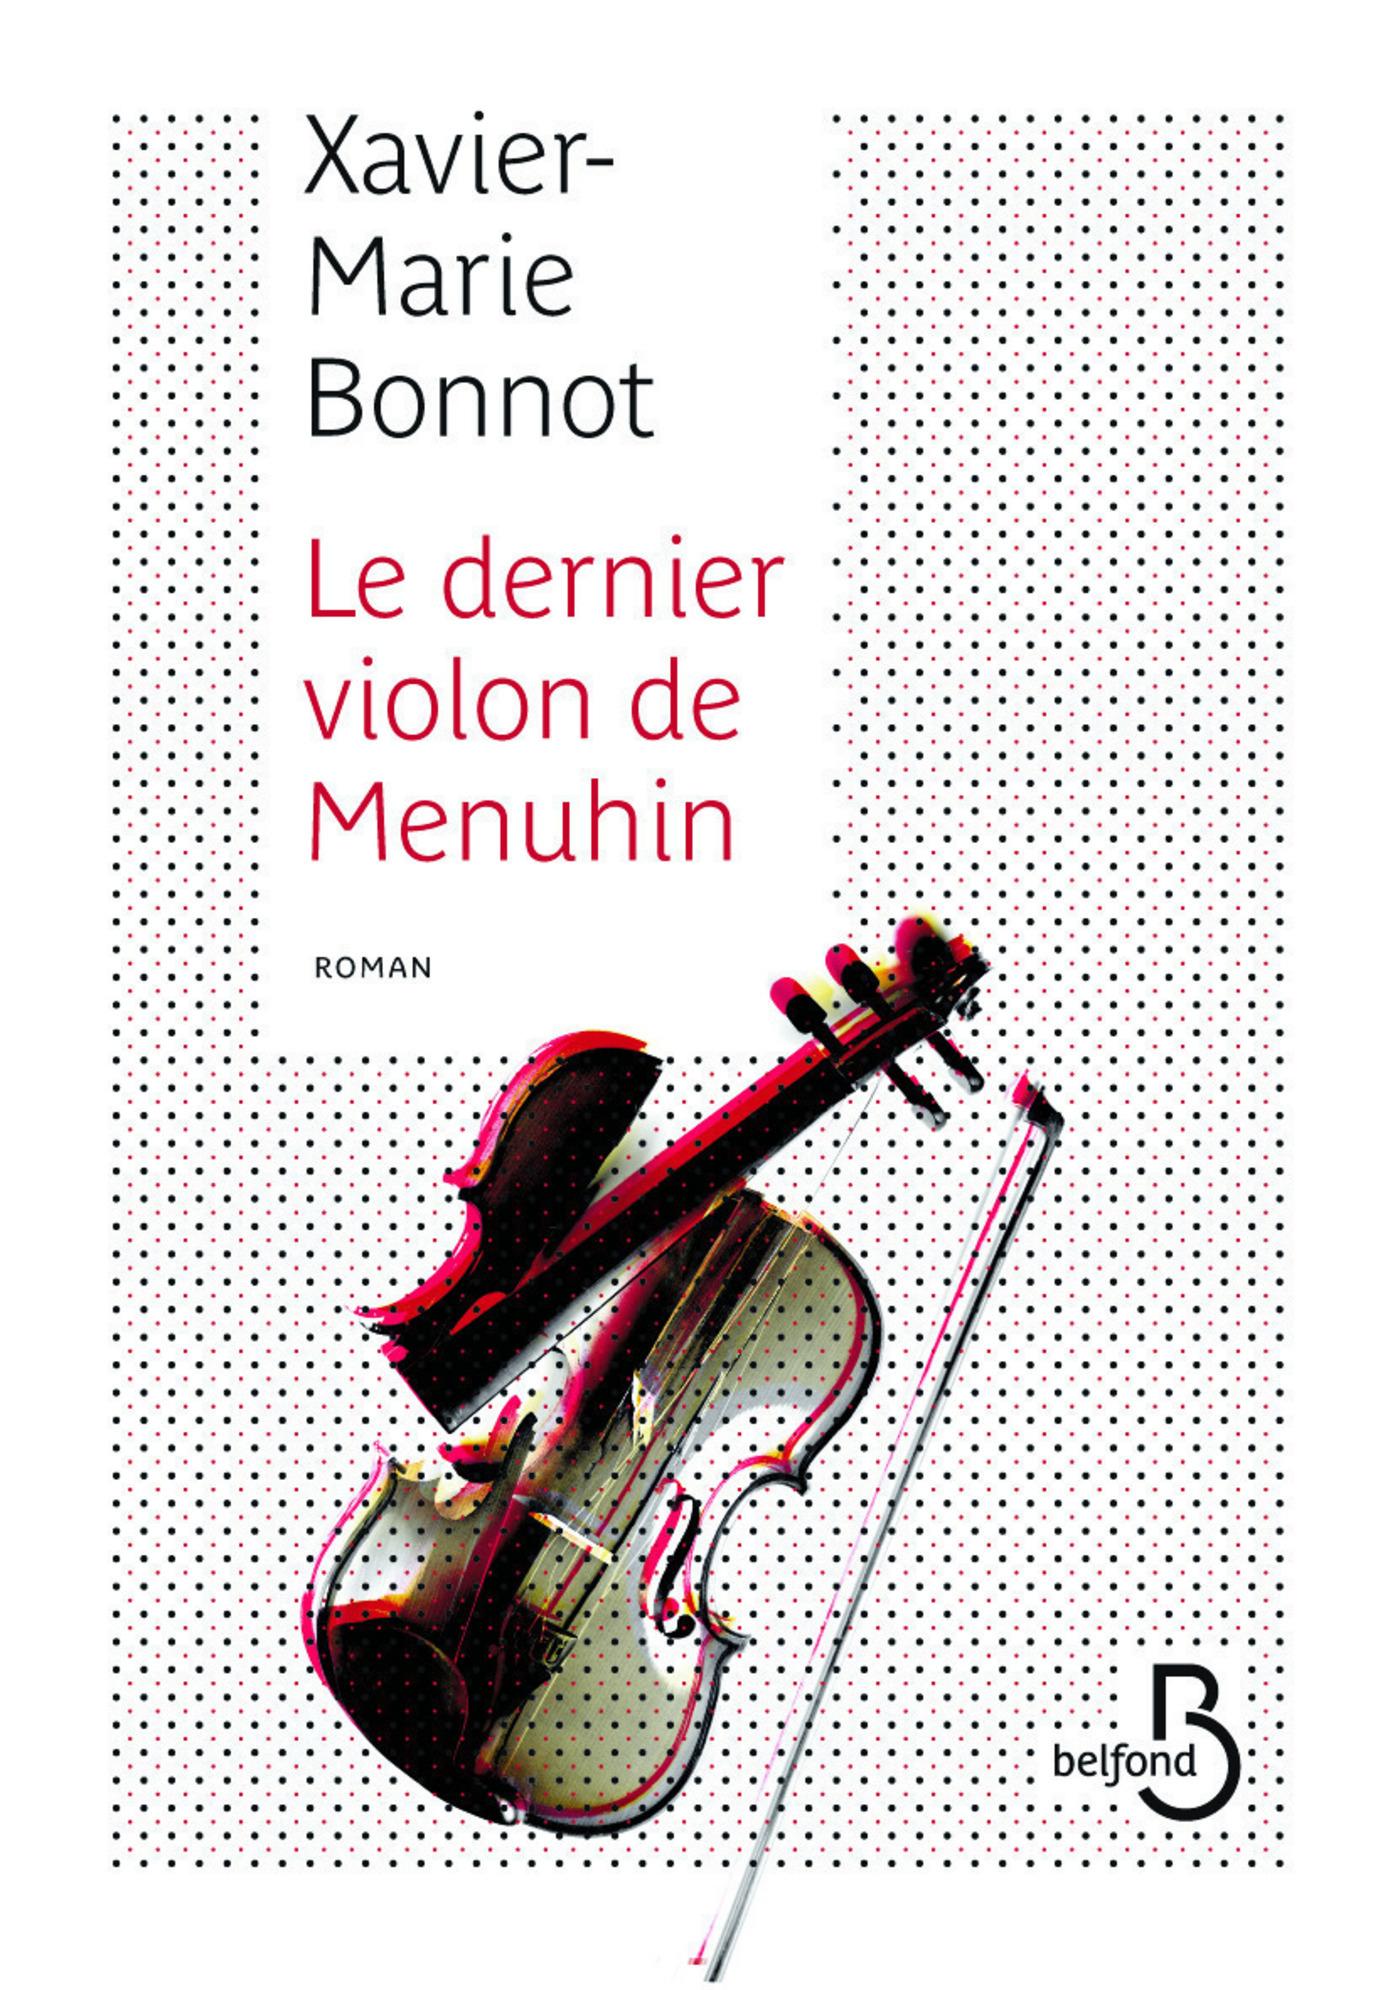 Le dernier violon de Menuhin